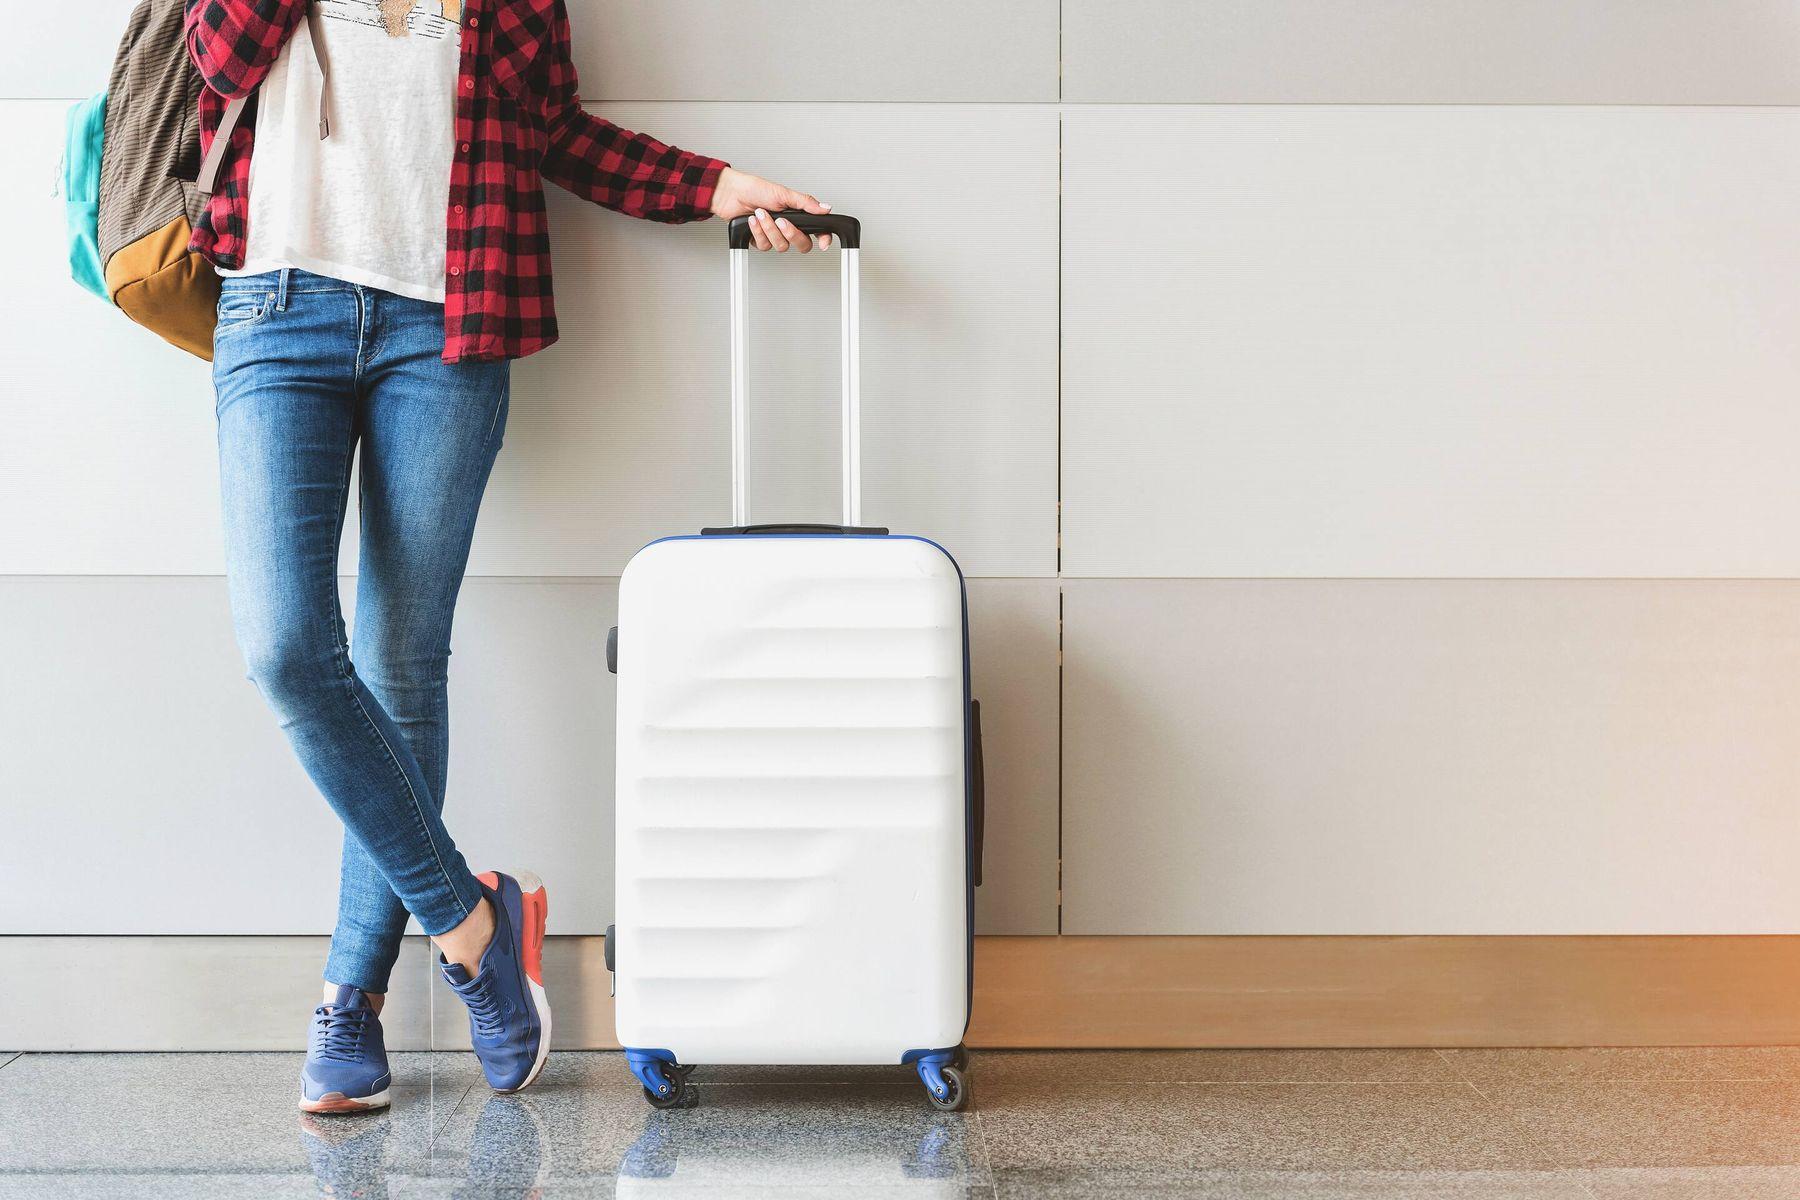 अपने सूटकेस पर लगी धूल कैसे साफ़ करें | क्लीएनीपीडिया